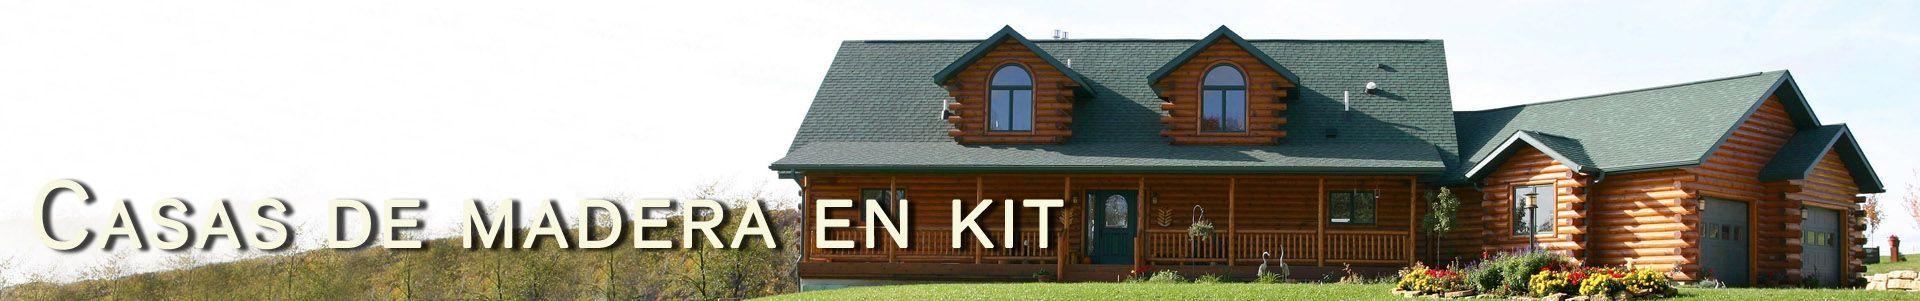 casa madera kit